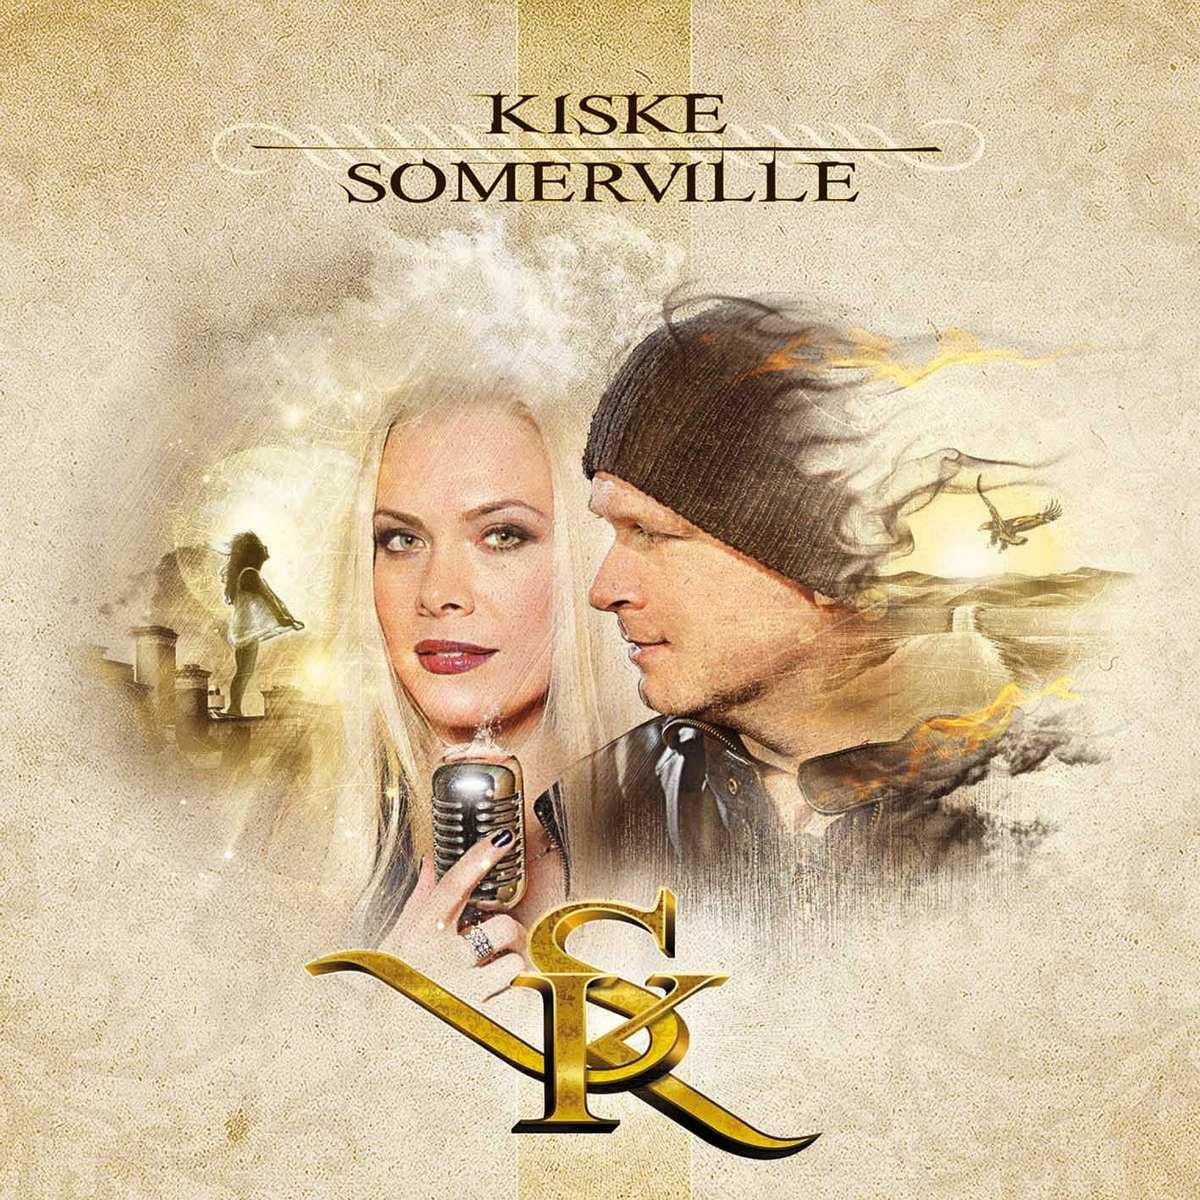 Kiske / Somerville - Kiske / Somerville